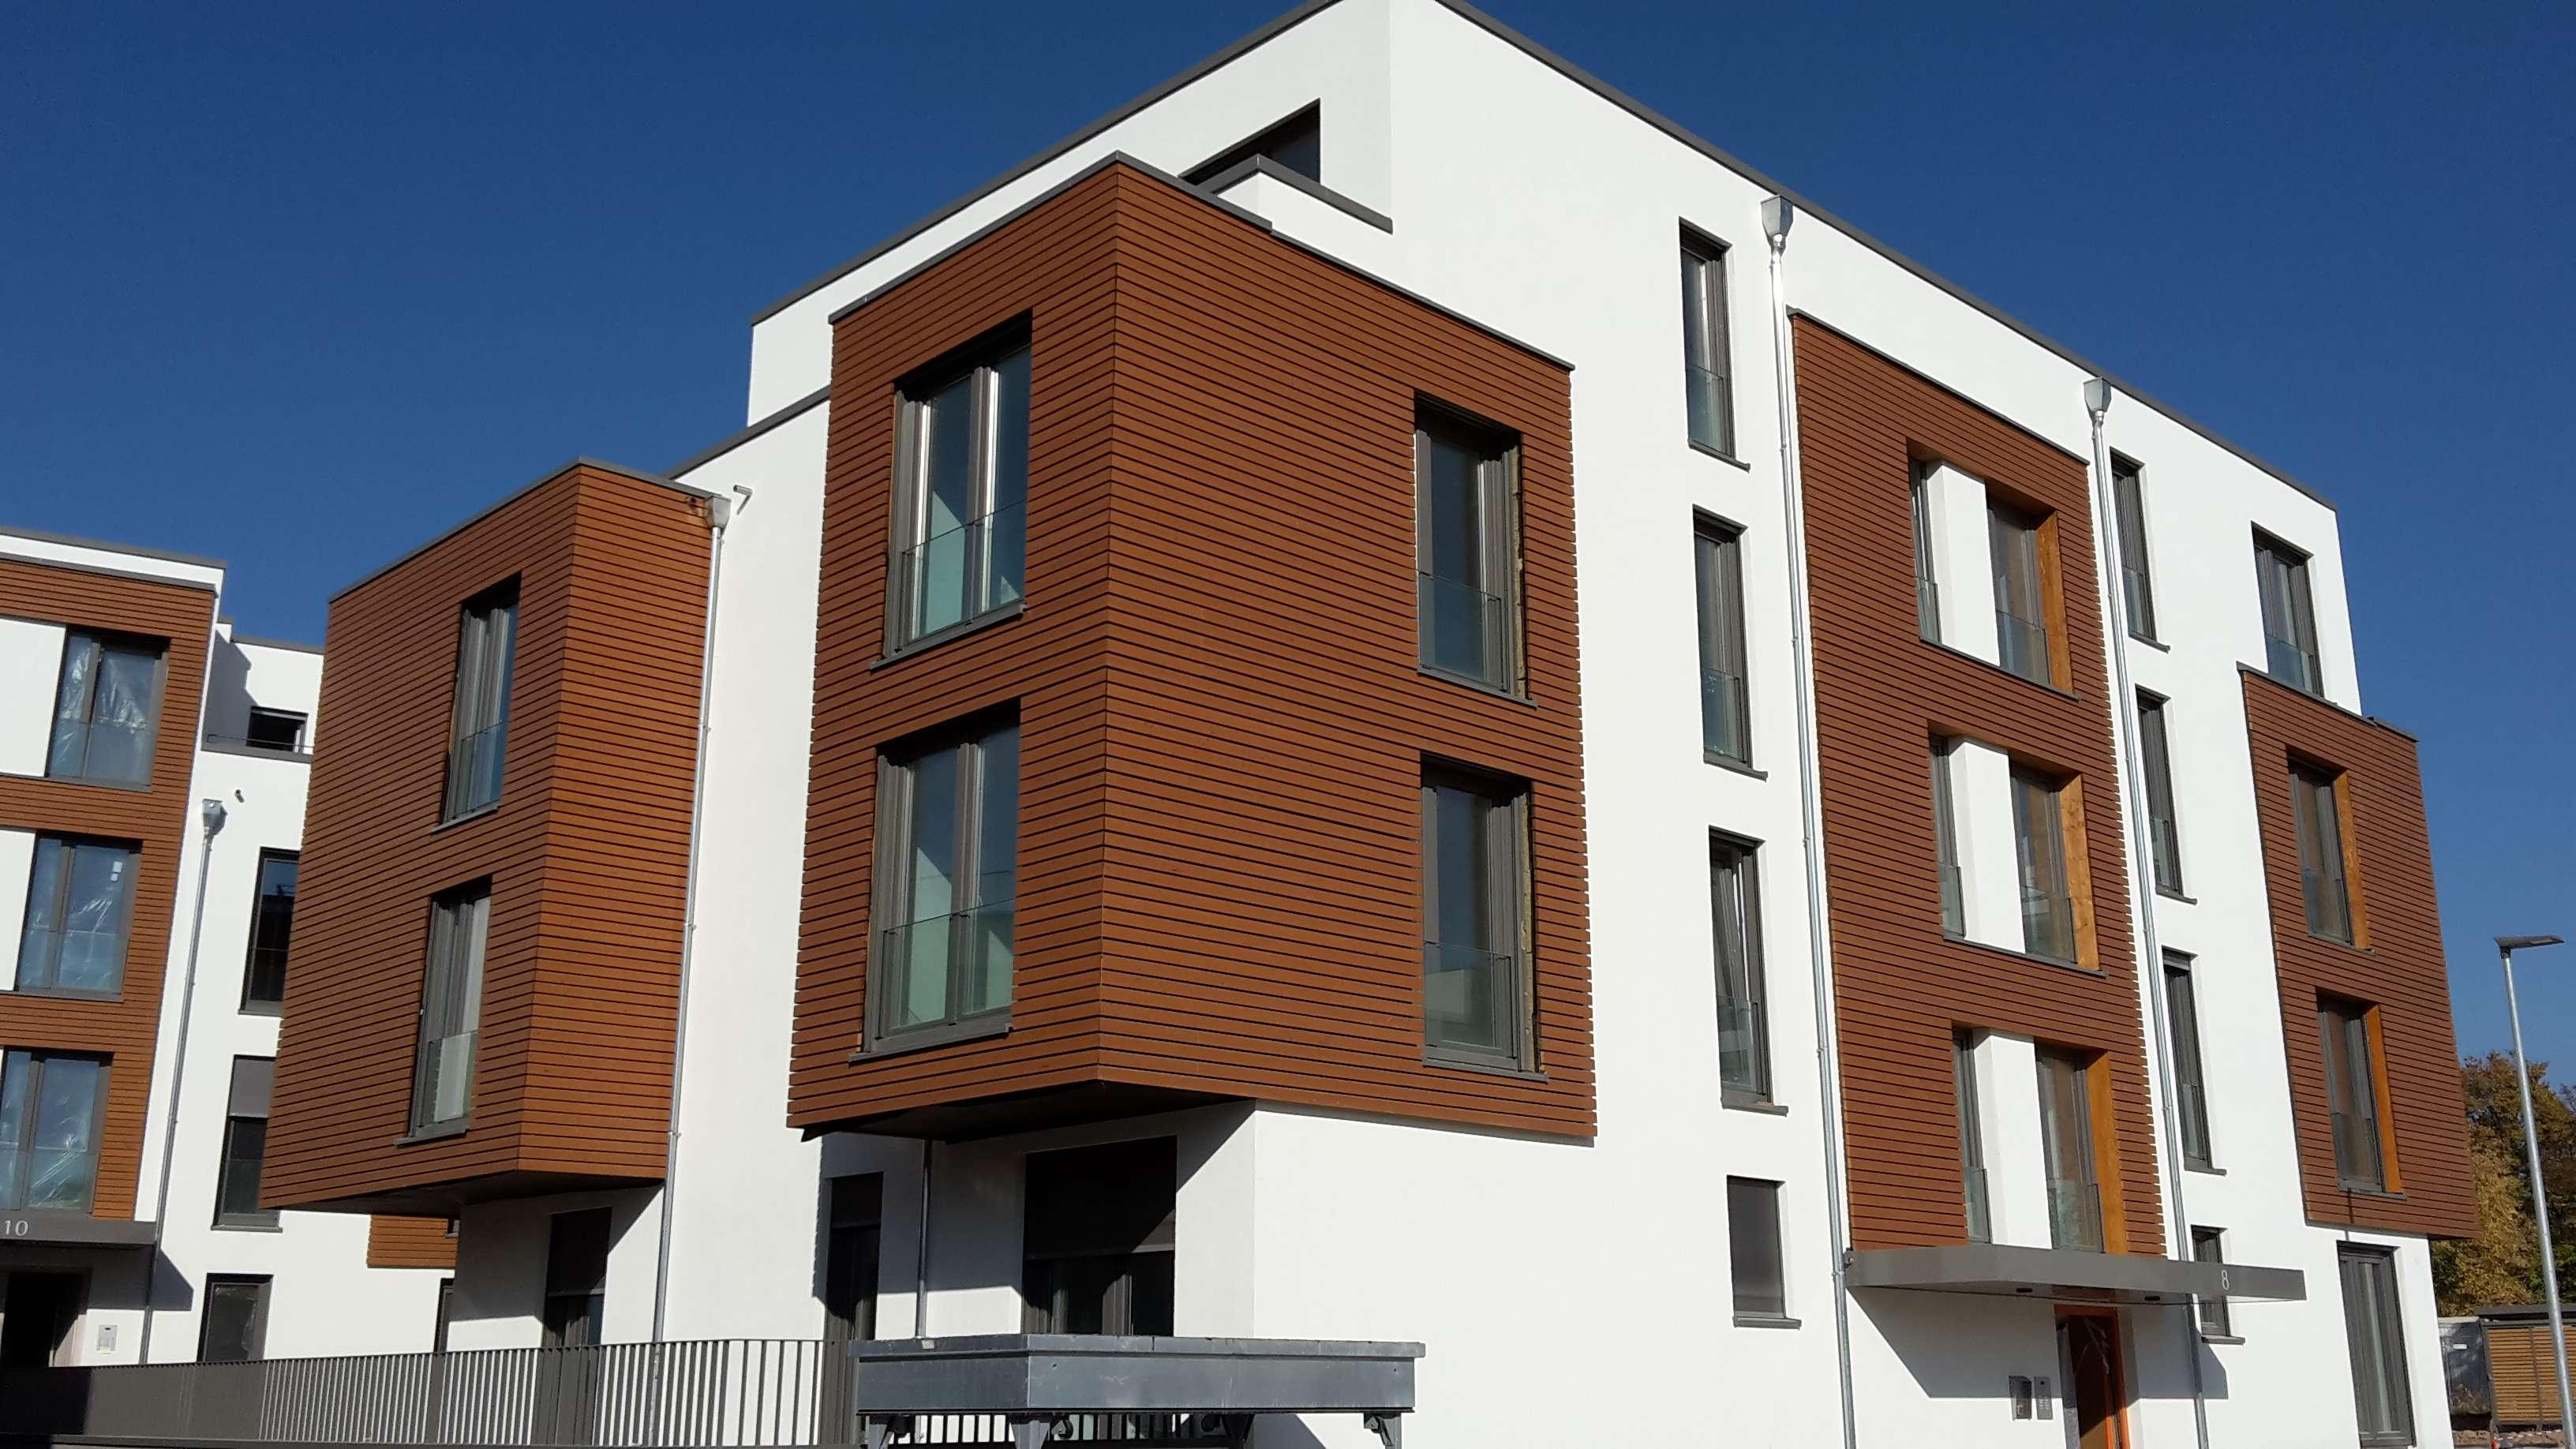 Stilvolle 2-Zimmer-Wohnung mit EBK und Loggia in Würzburg-Hubland in